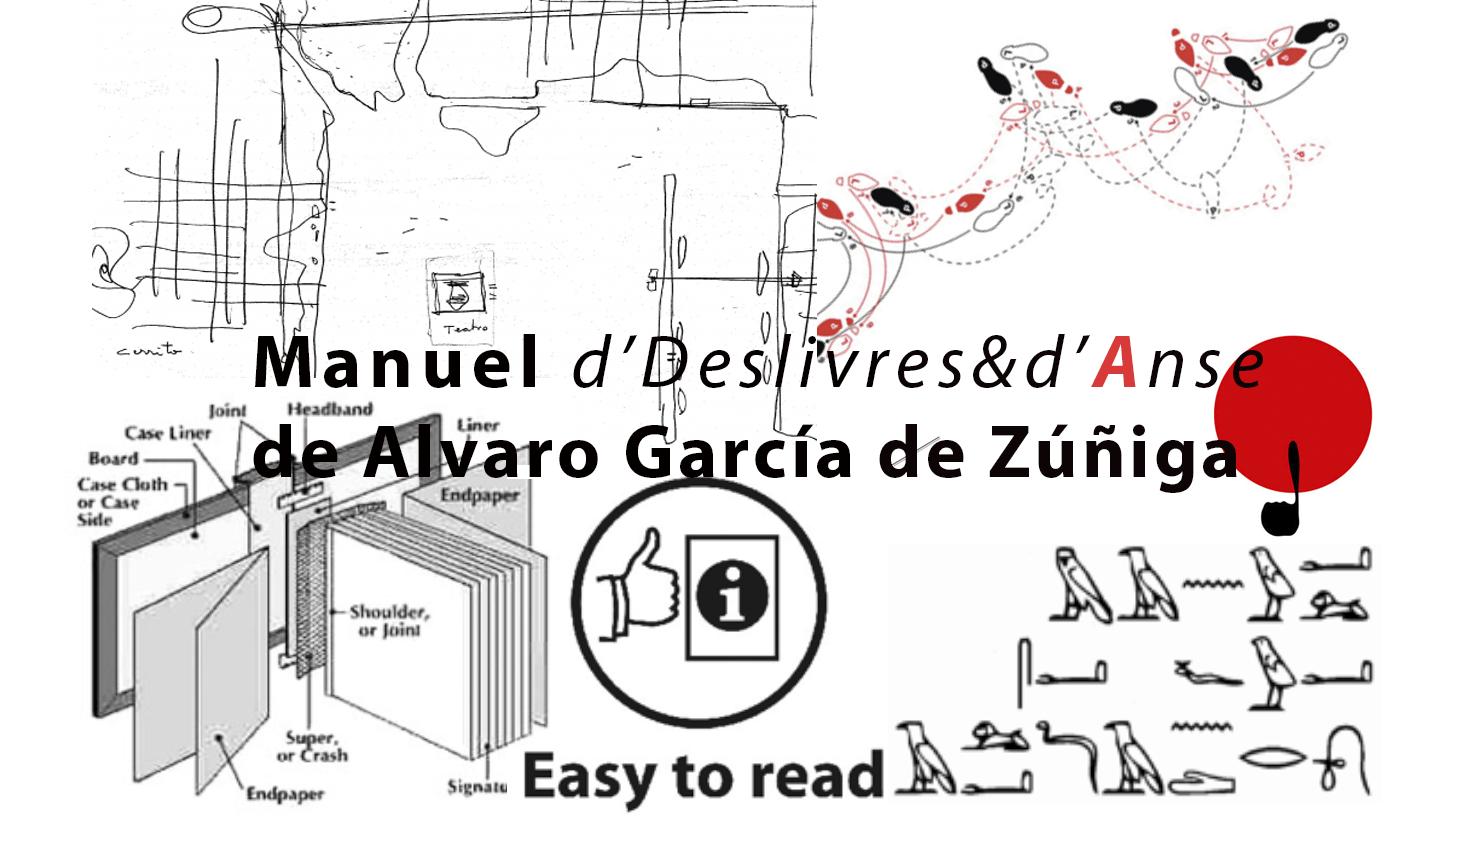 Manuel d'Deslivres&d'Anse de 23 de Abril, de Cervantes, de Shakespeare, dos Livros… e de Alvaro García de Zúñiga